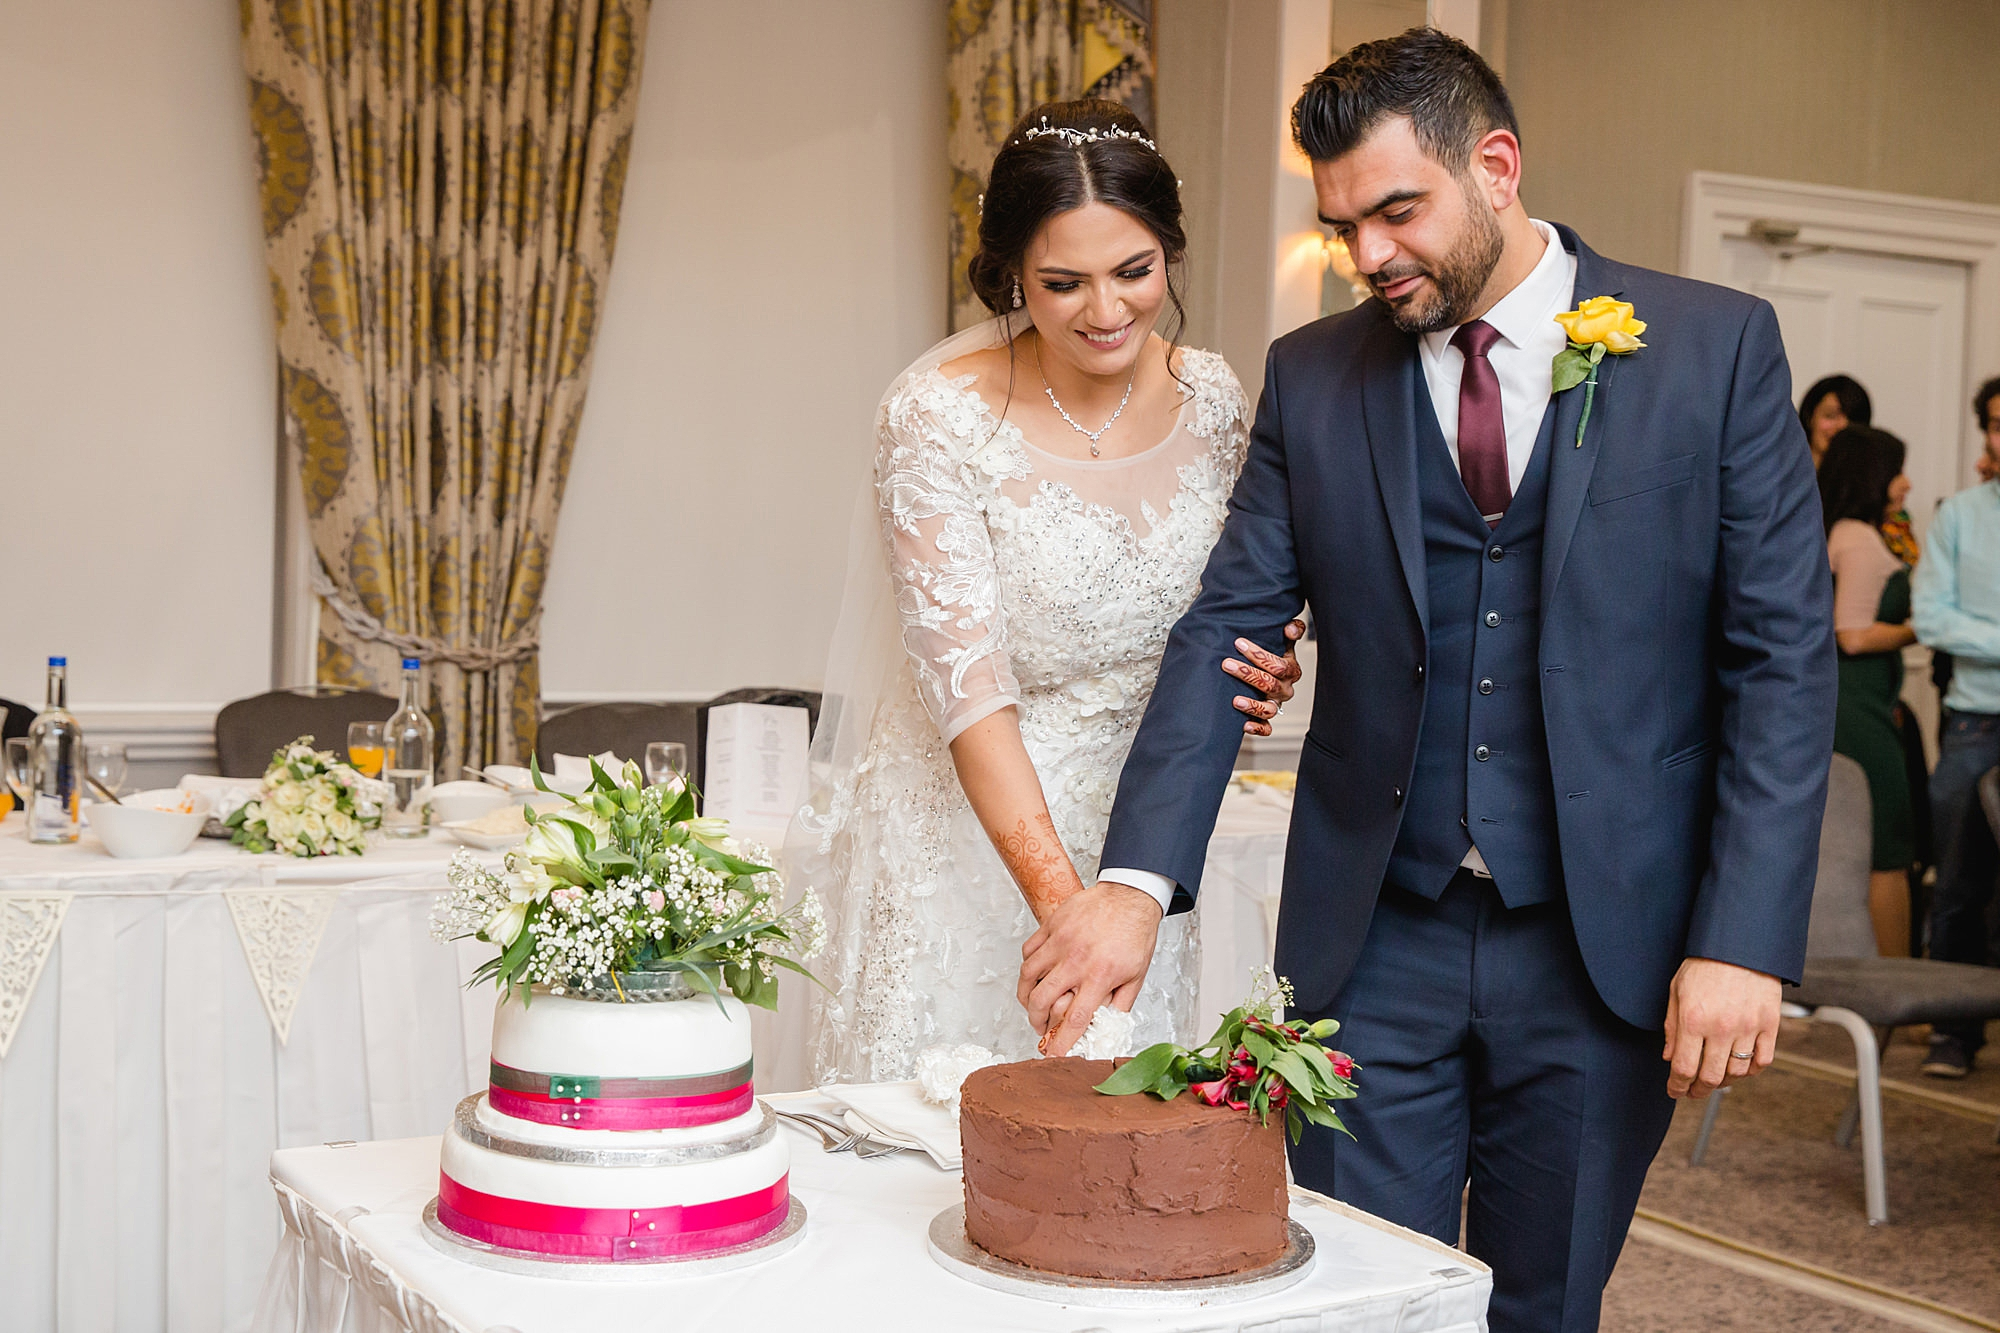 Richmond Hill Hotel wedding bride and groom cut cake